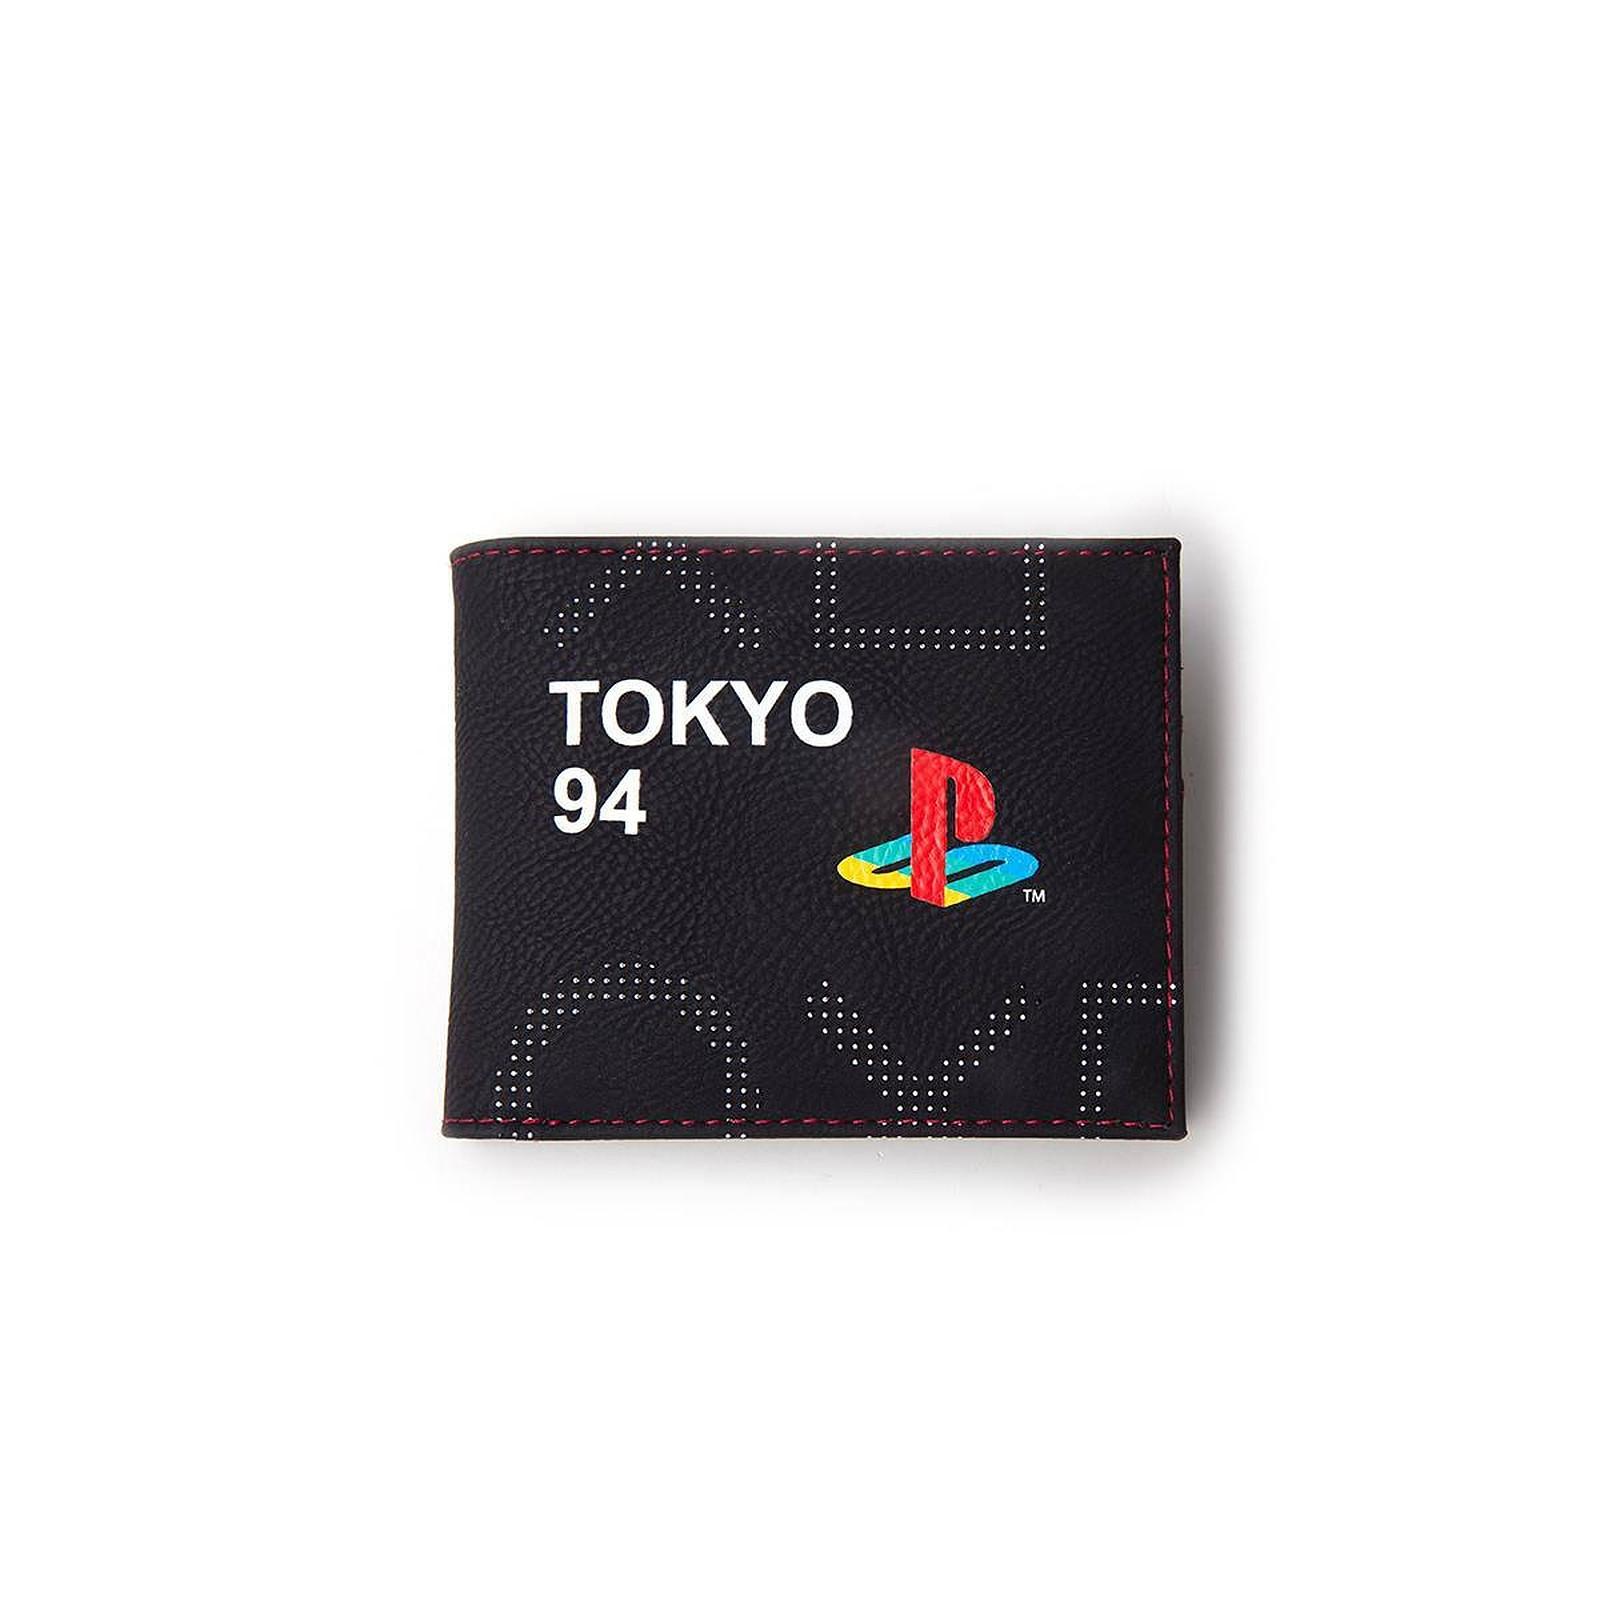 Sony Playstation Porte Monnaie Tech19 Portefeuille Difuzed Sur Ldlc Com